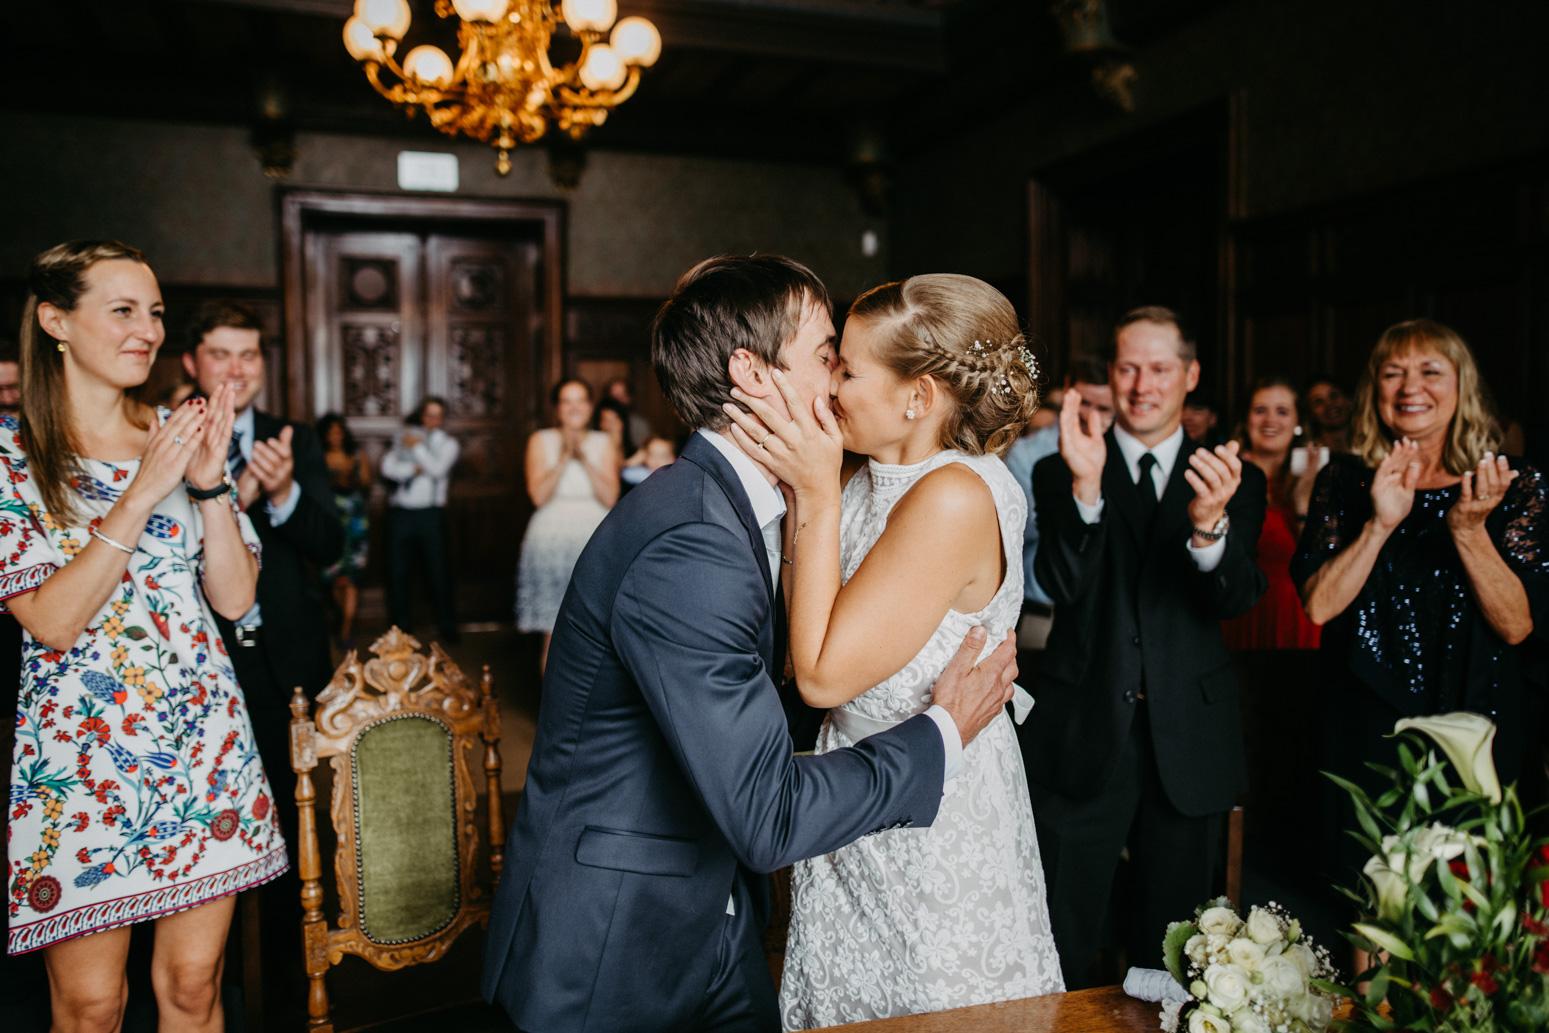 Erster Kuss bei einer standesamtlichen Trauung auf Schloss Drachenburg in Königswinter